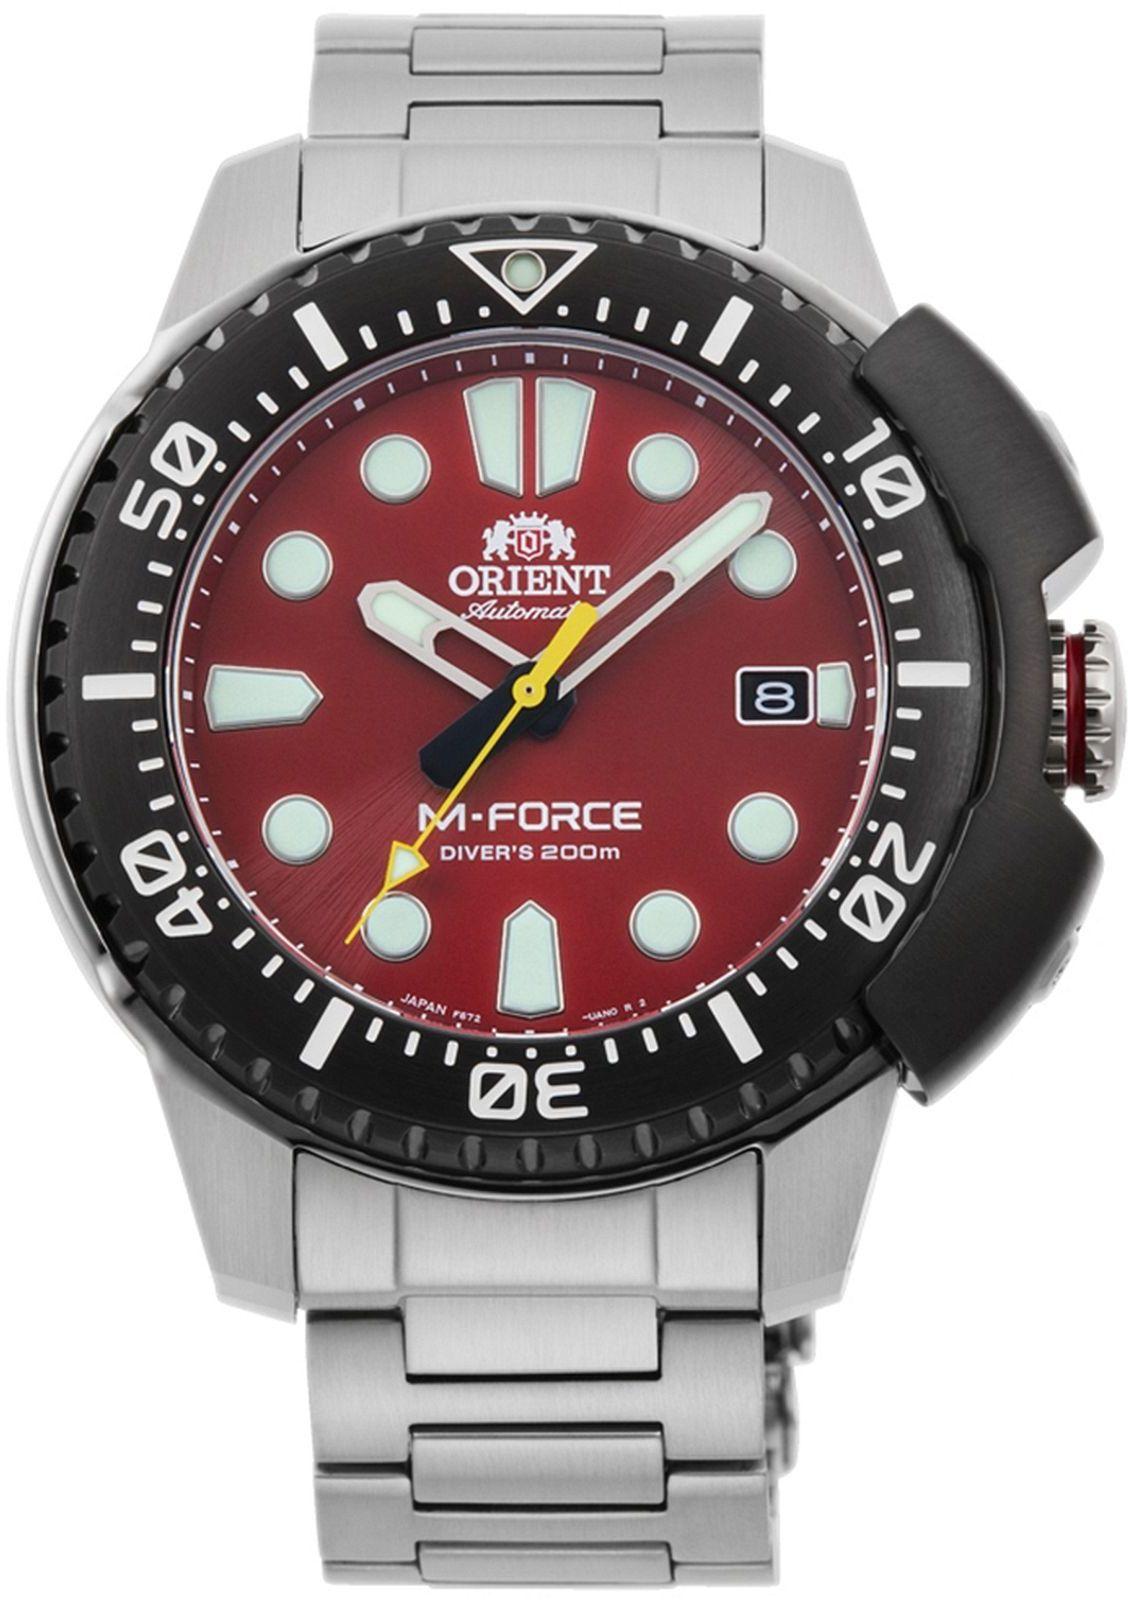 Zegarek męski Orient M-Force Diver Automatic